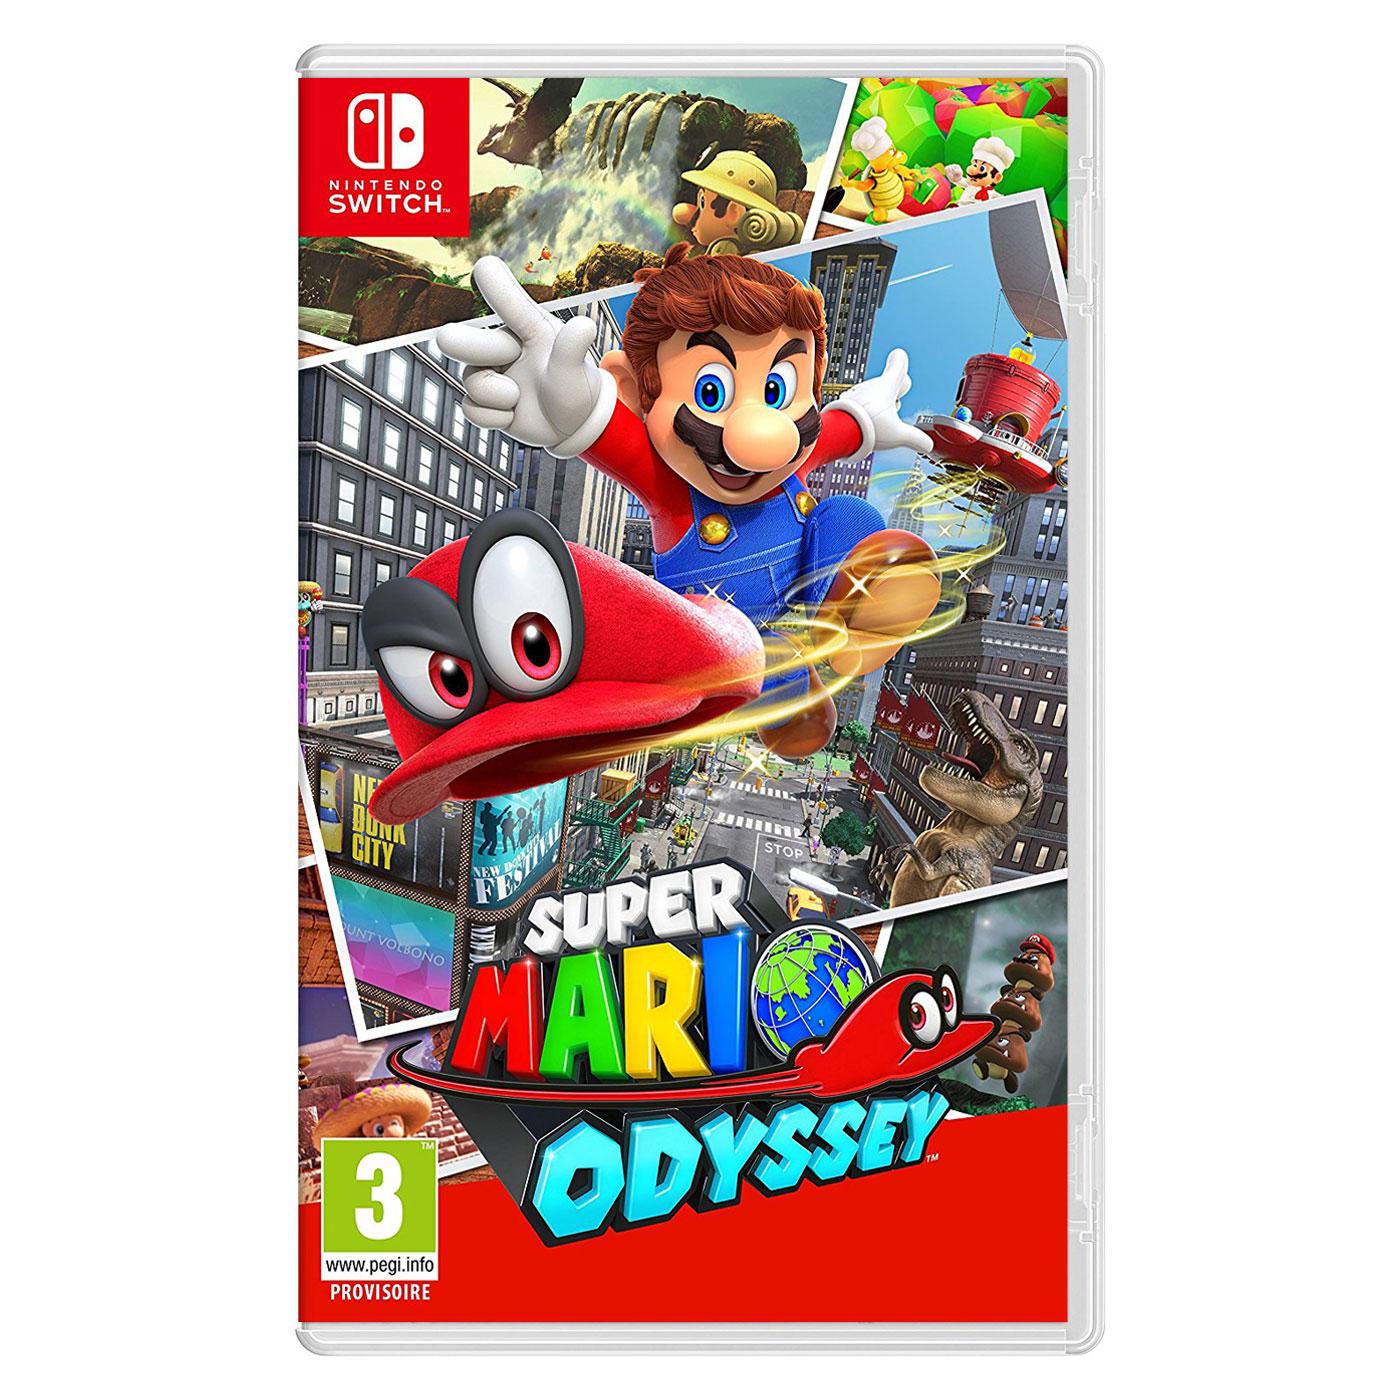 Jeux Nintendo Switch Super Mario Odyssey (Switch) Super Mario Odyssey (Switch)